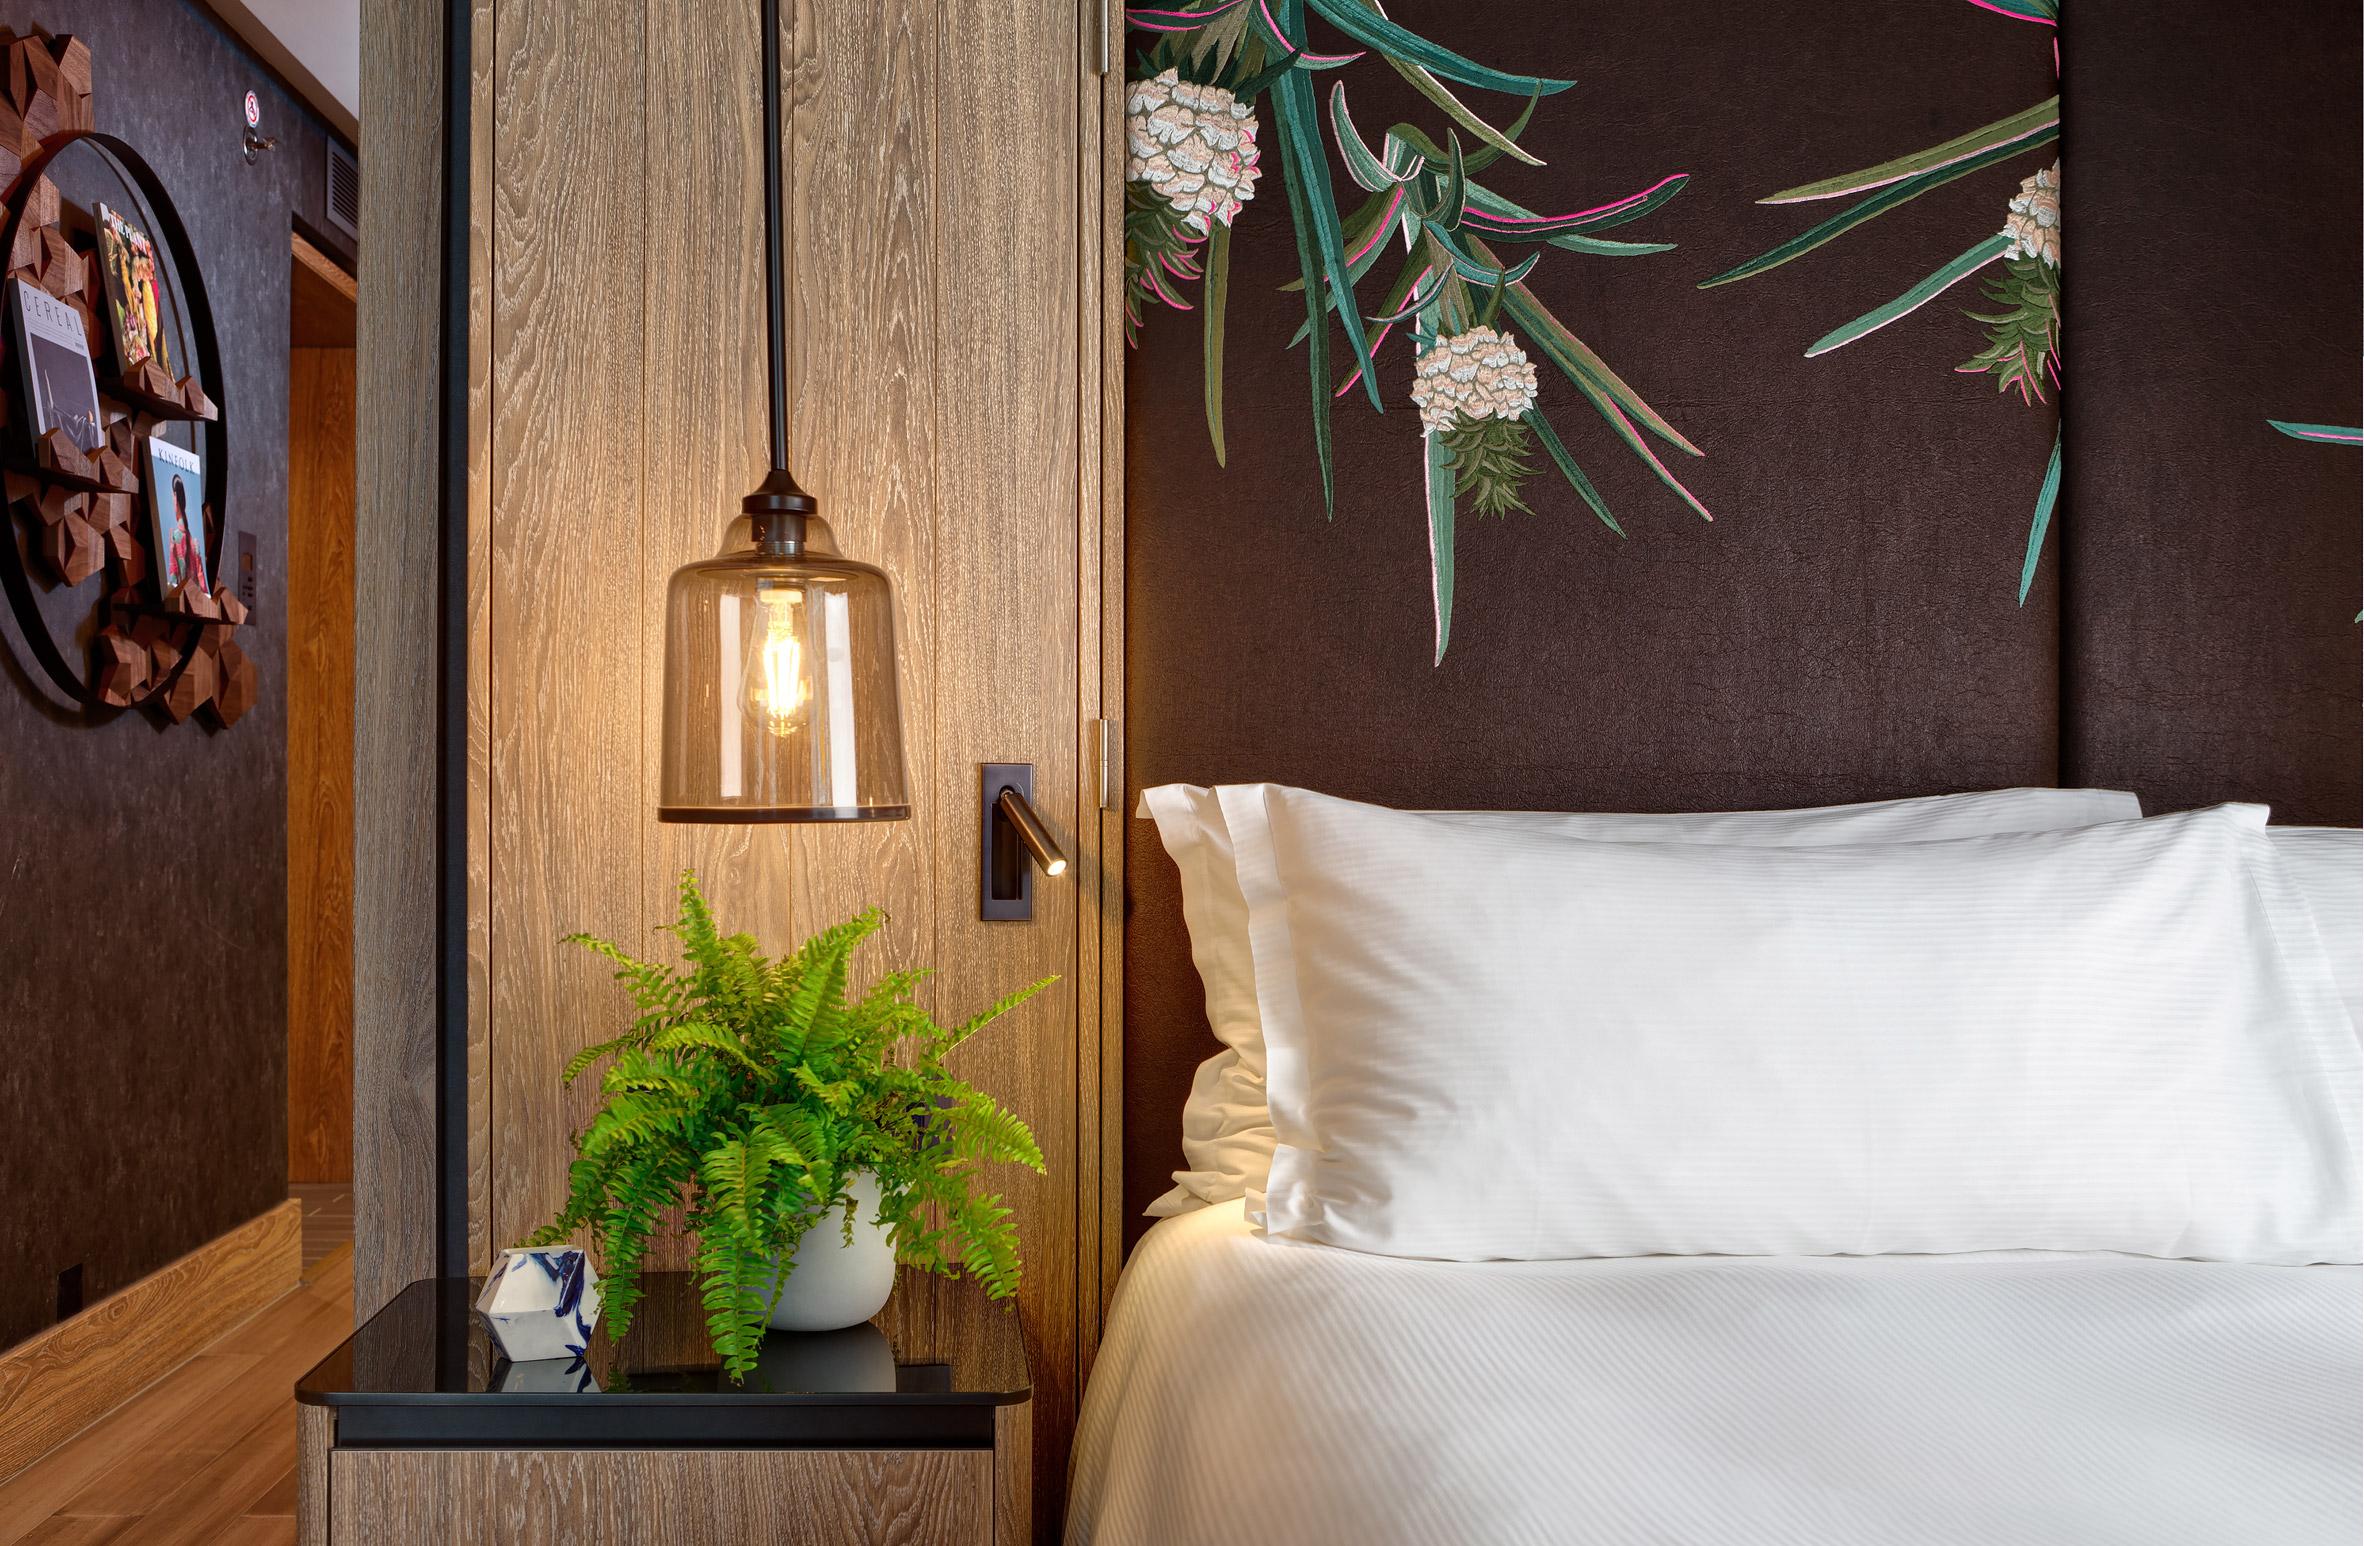 Bompass & Parr vegan suite inside Hilton London Bankside hotel